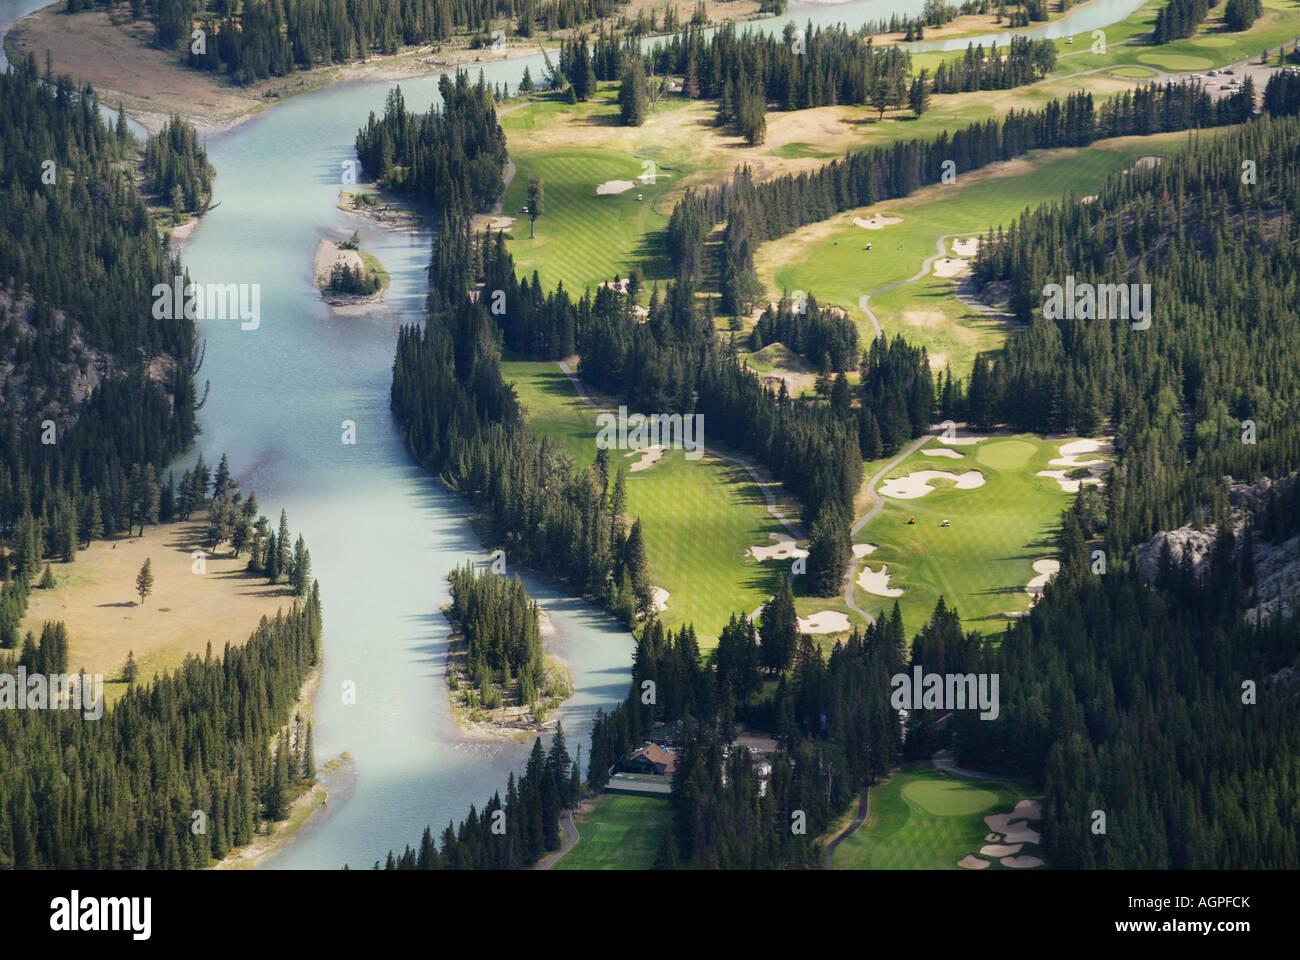 Banff Springs Golf Course im Banff National Park, eines der Welt s den landschaftlich schönsten Golfplätze Stockbild